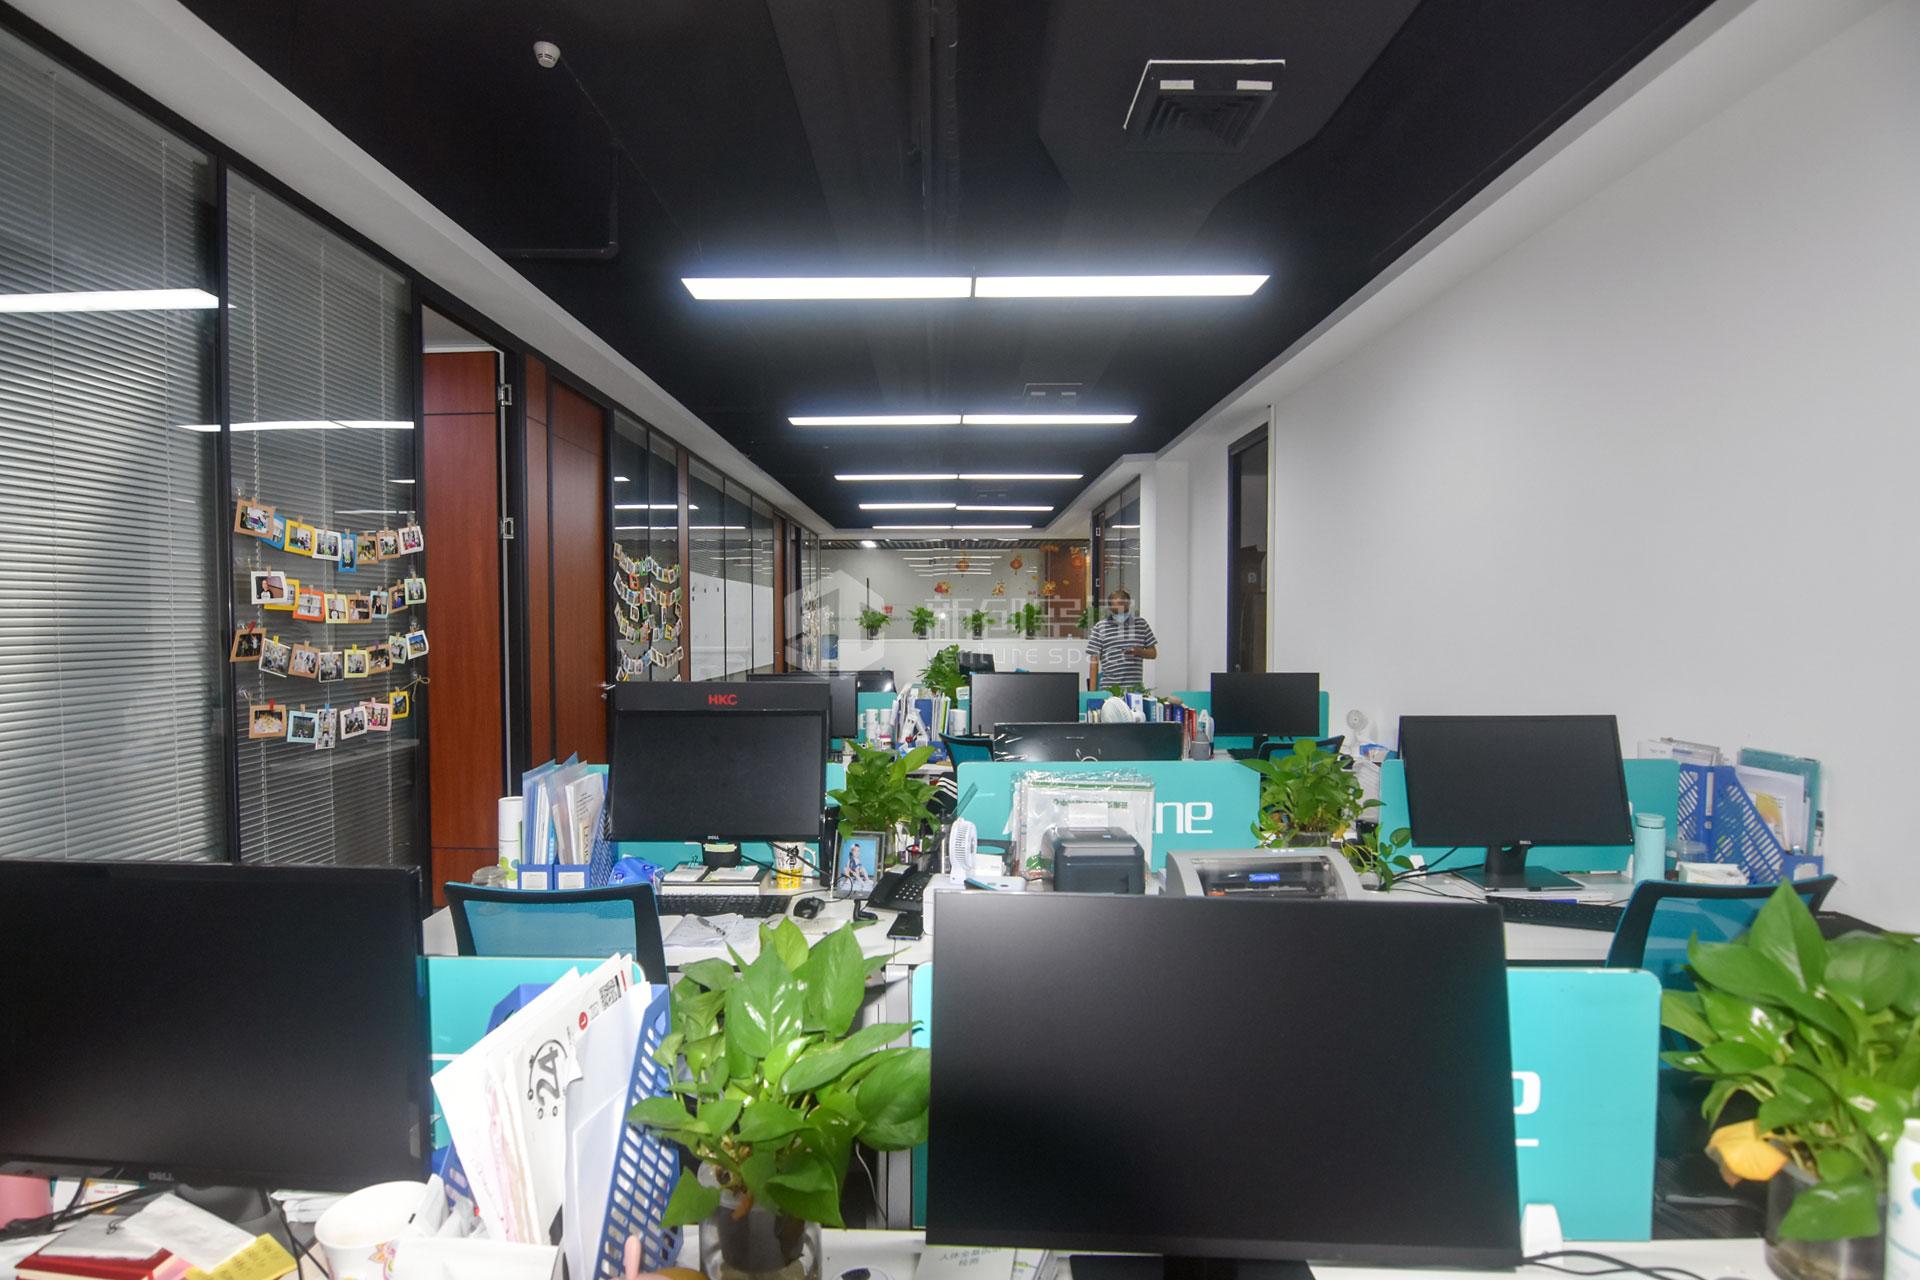 深圳虚拟大学园448m²办公室出租34048元/月